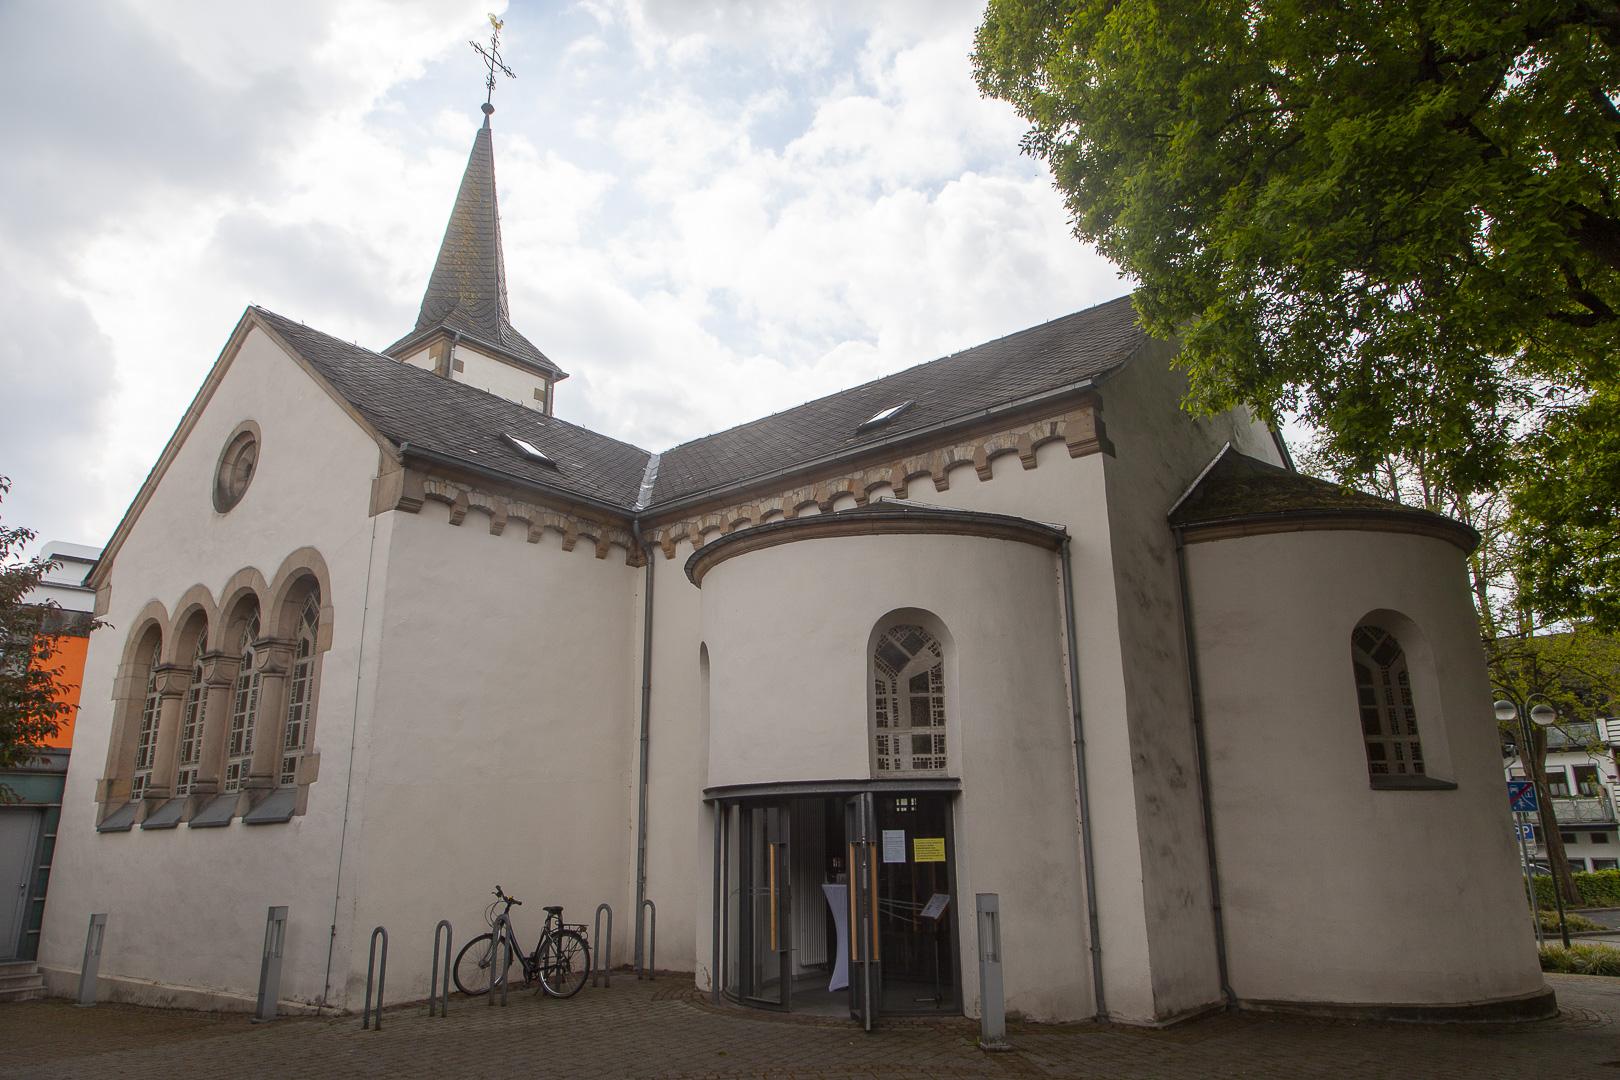 Unsere evangelische Kirche am Sonntag, den 3. Mai 2020